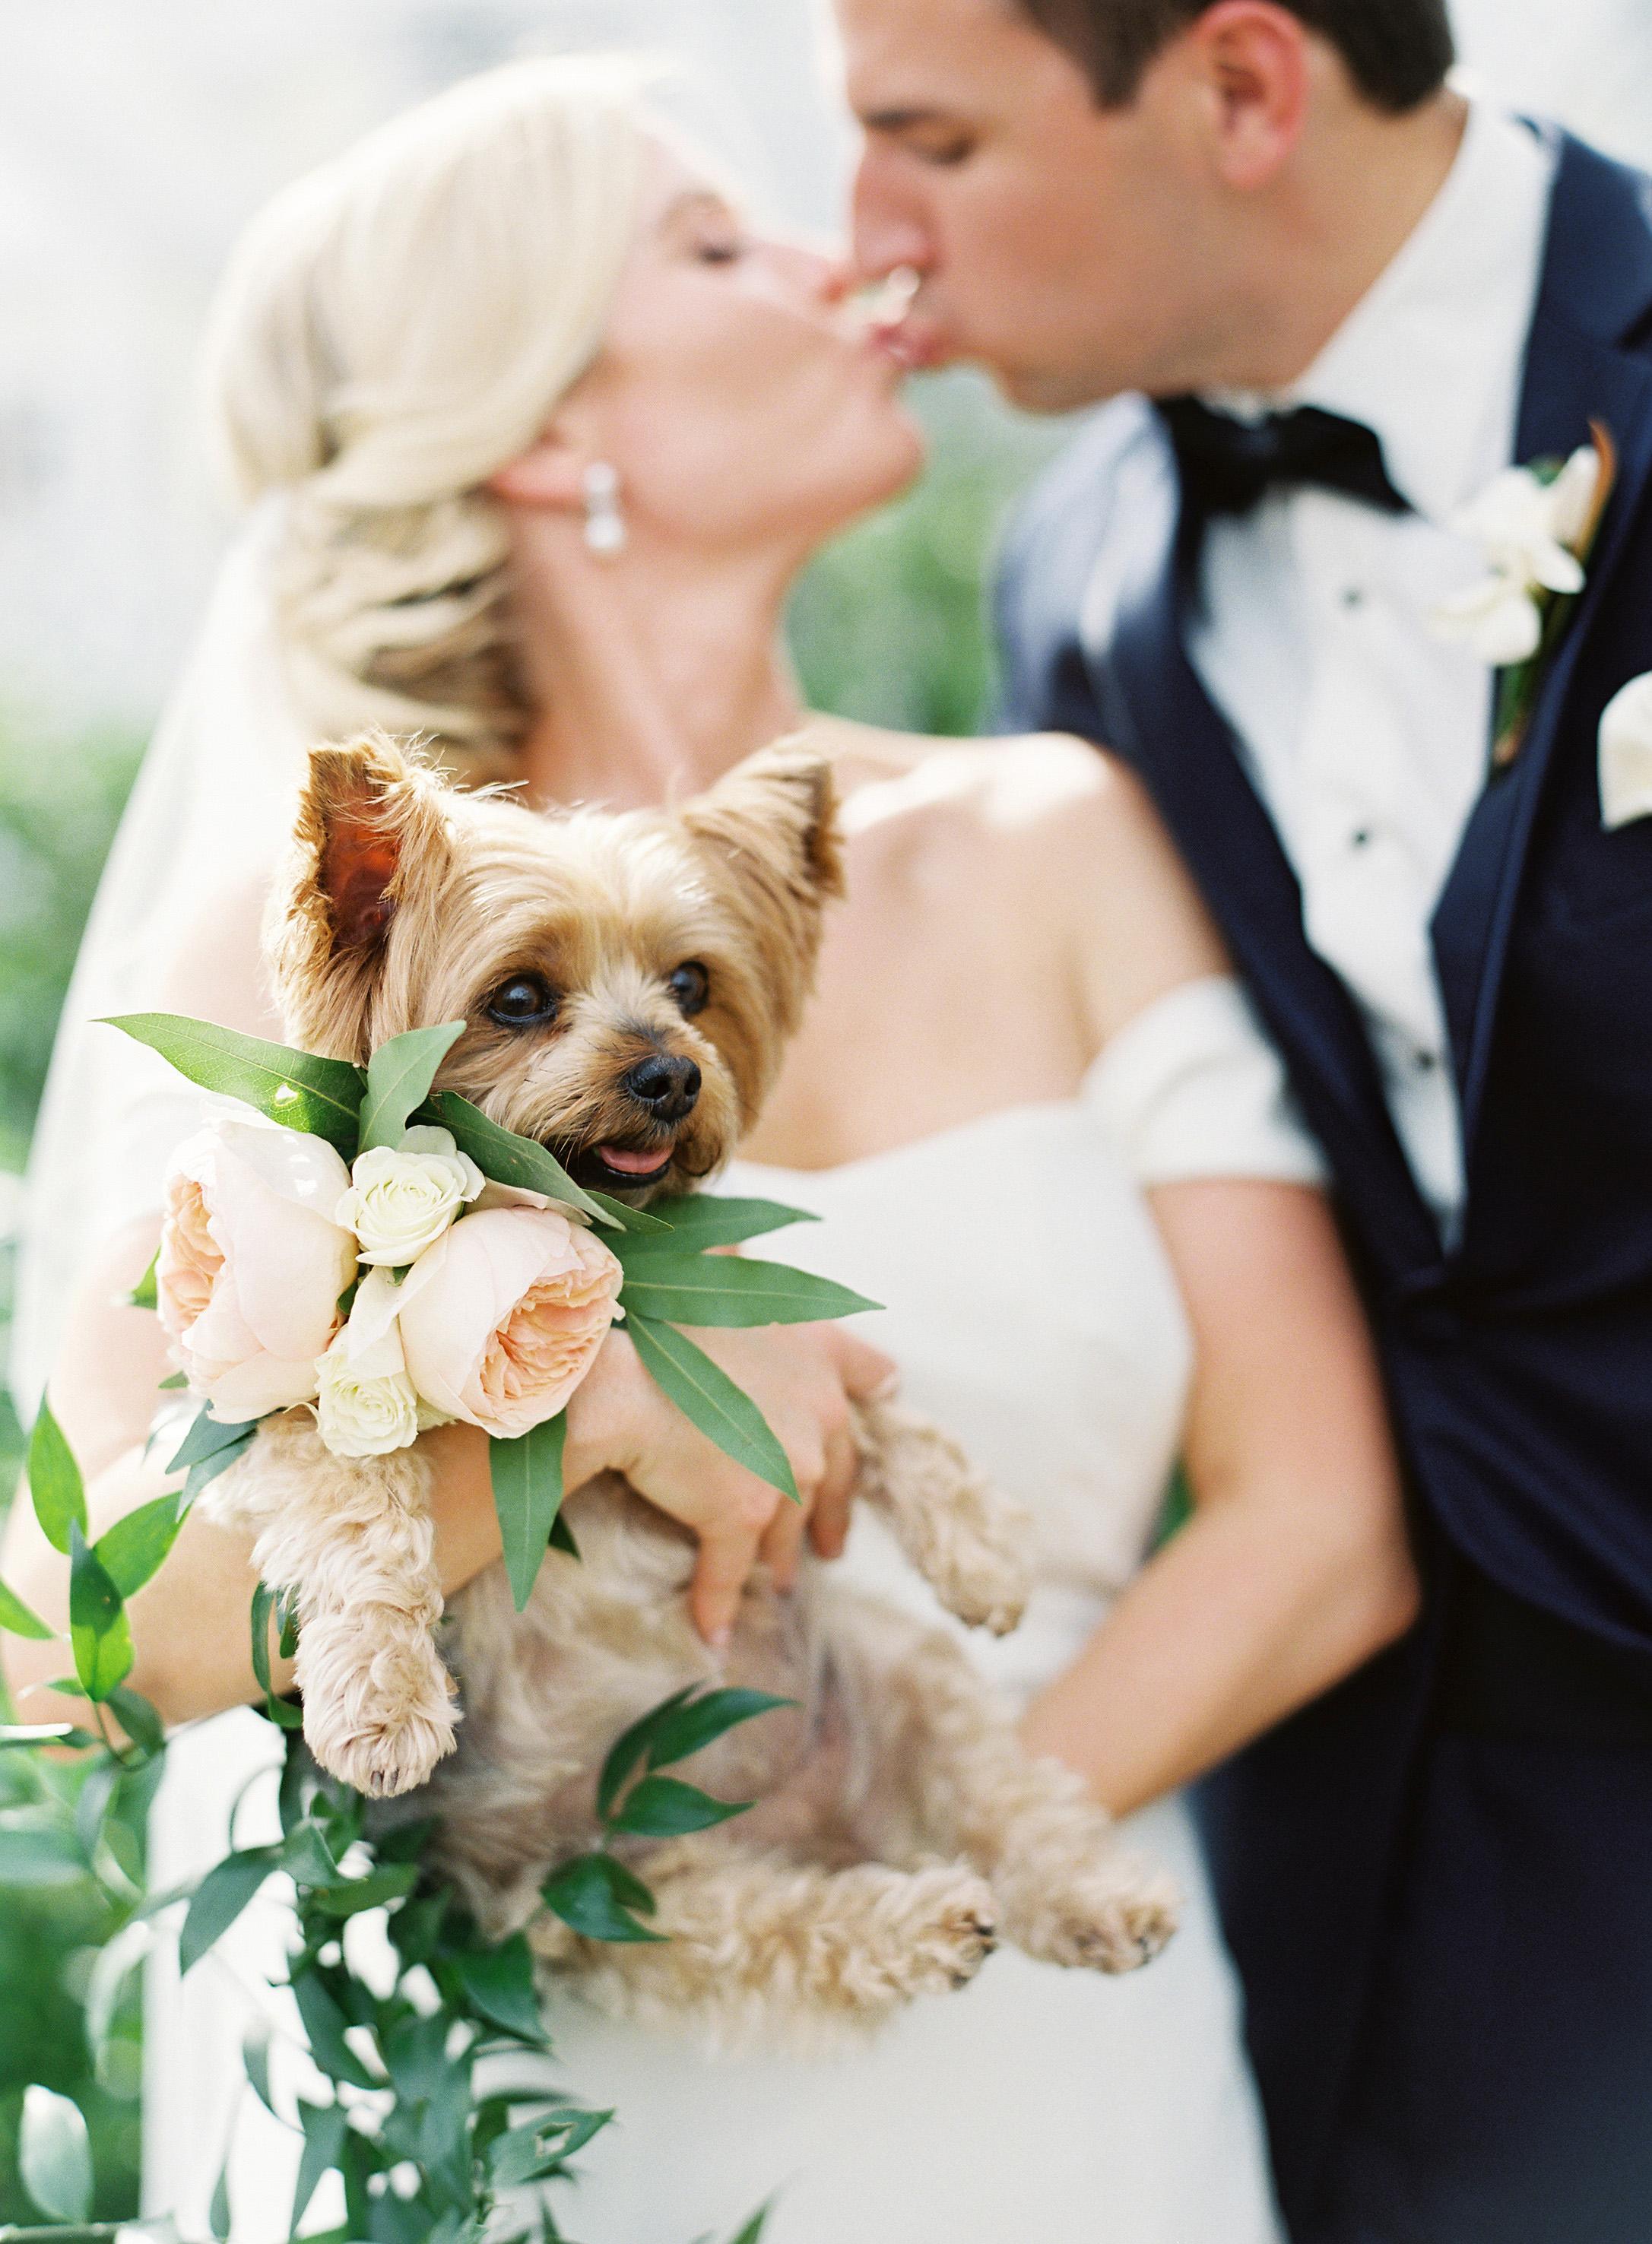 What Are Wedding Pet Coordinators?